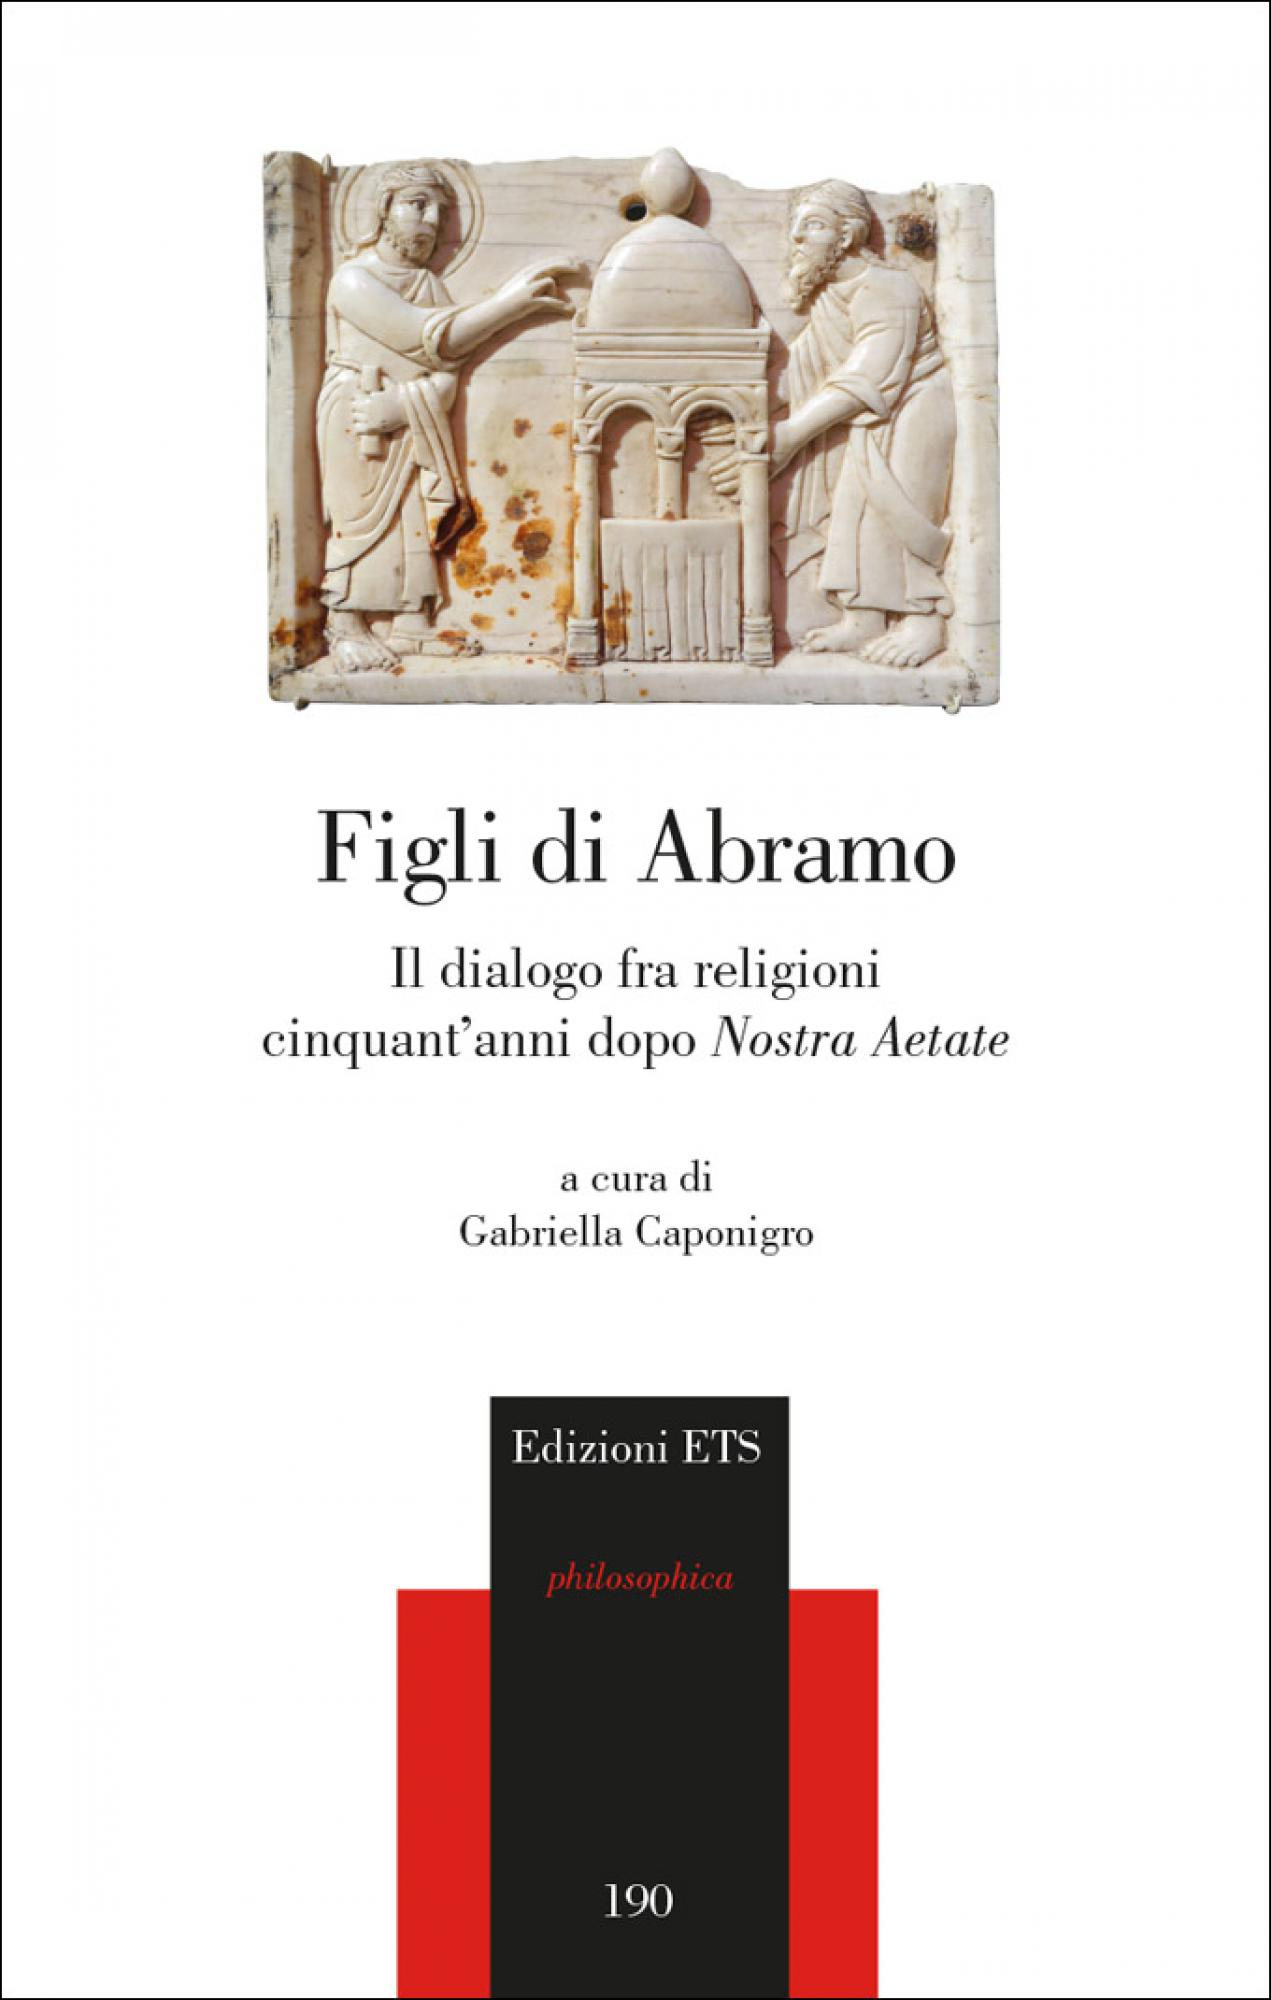 Figli di Abramo.Il dialogo fra religioni cinquant'anni dopo<i>Nostra Aetate</i>